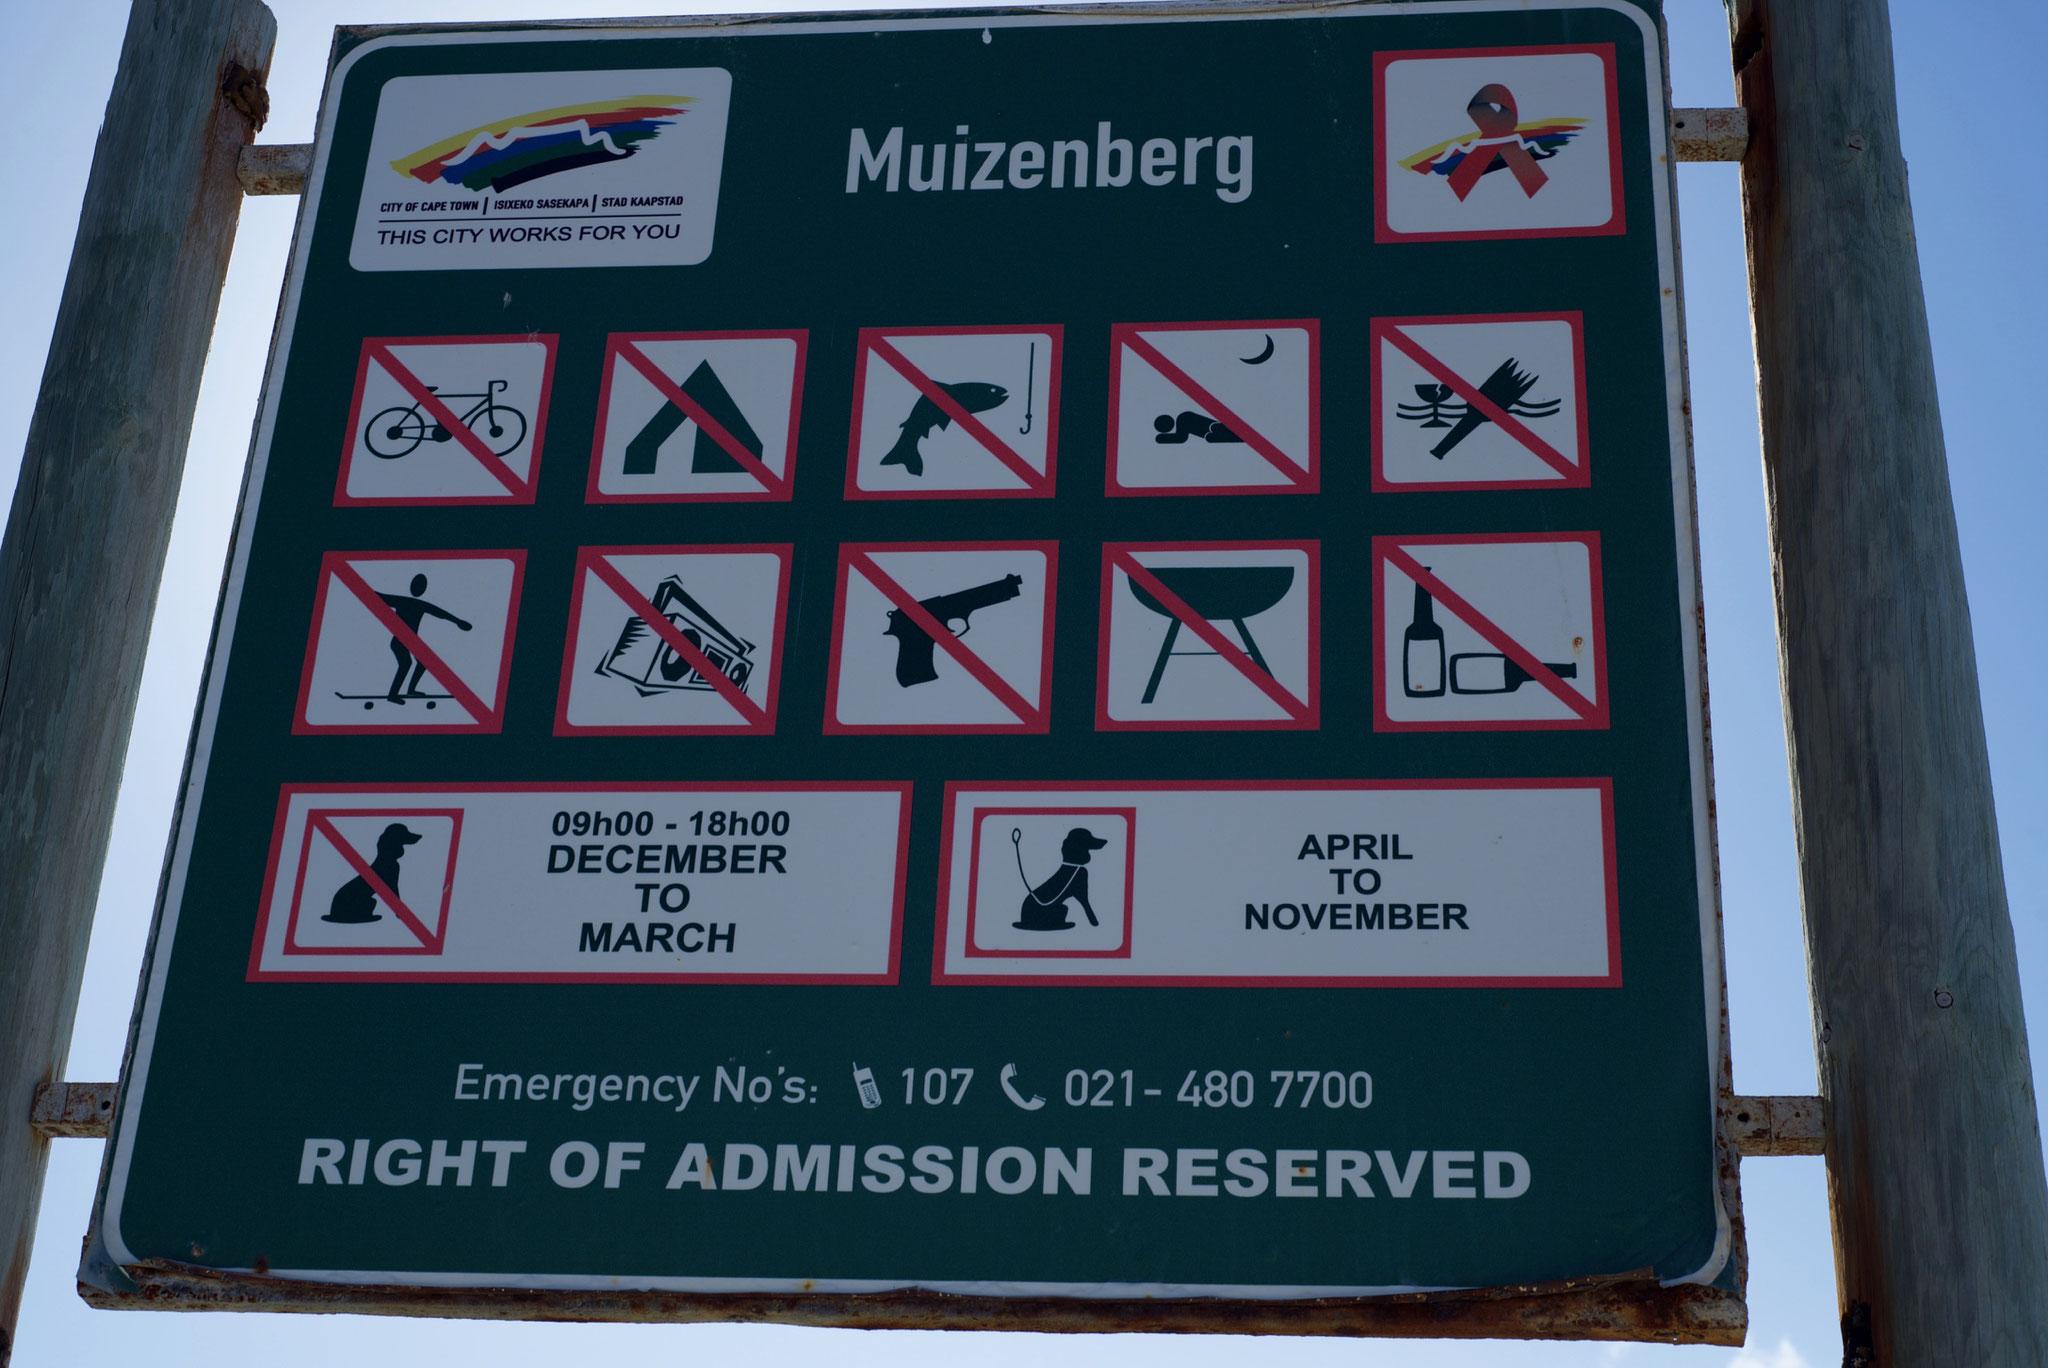 Am Strand von Muizenberg gibt es klare Regeln